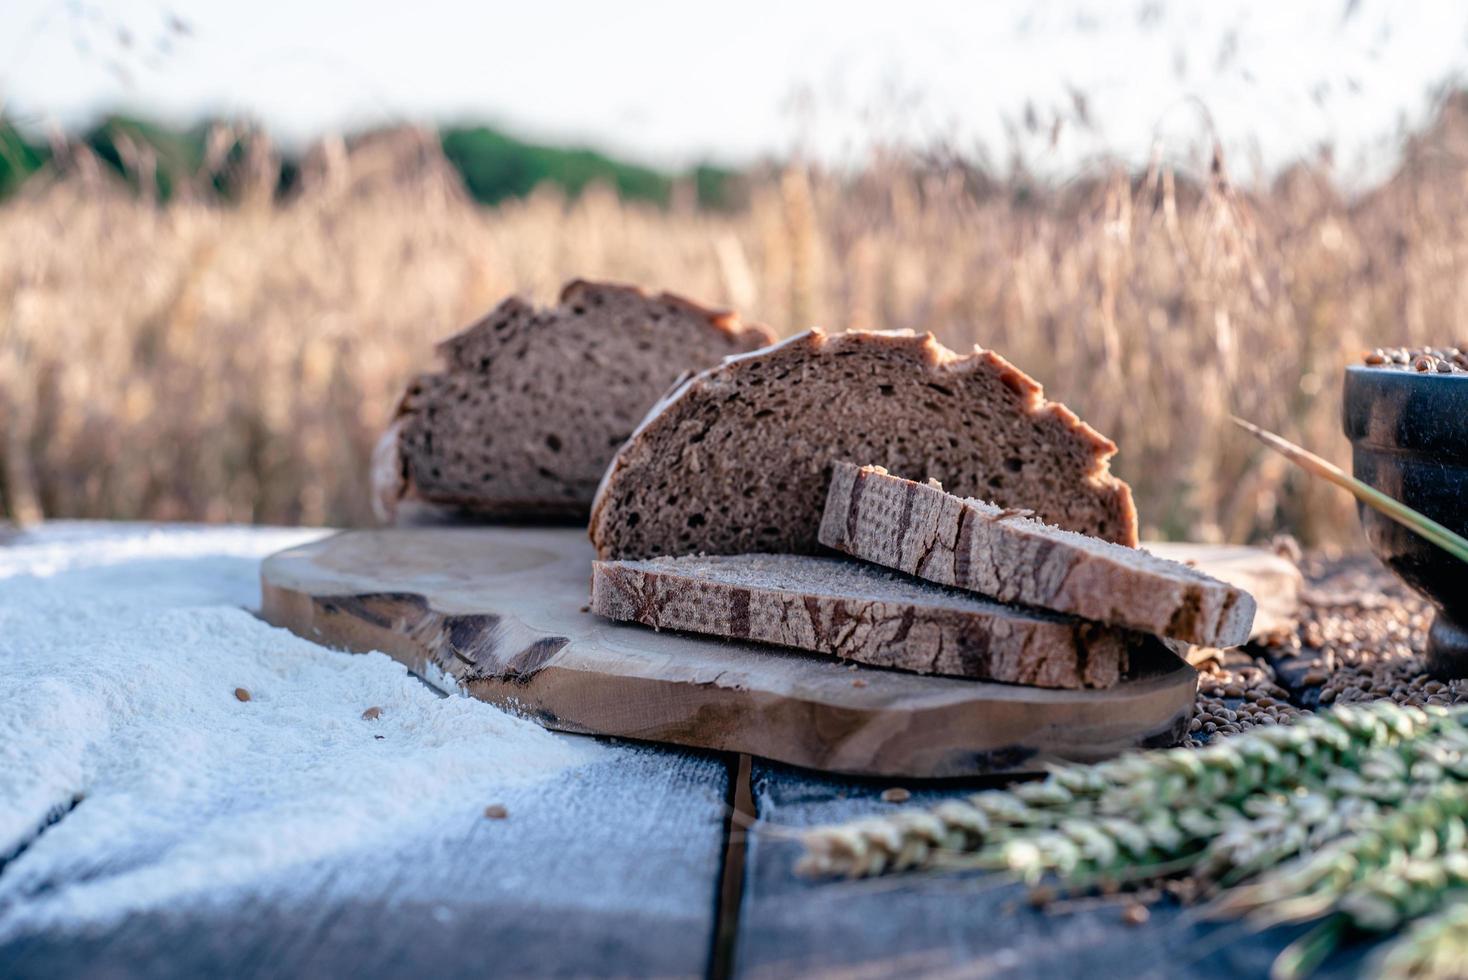 landwirtschaftliche Produkte in Maisfeld foto